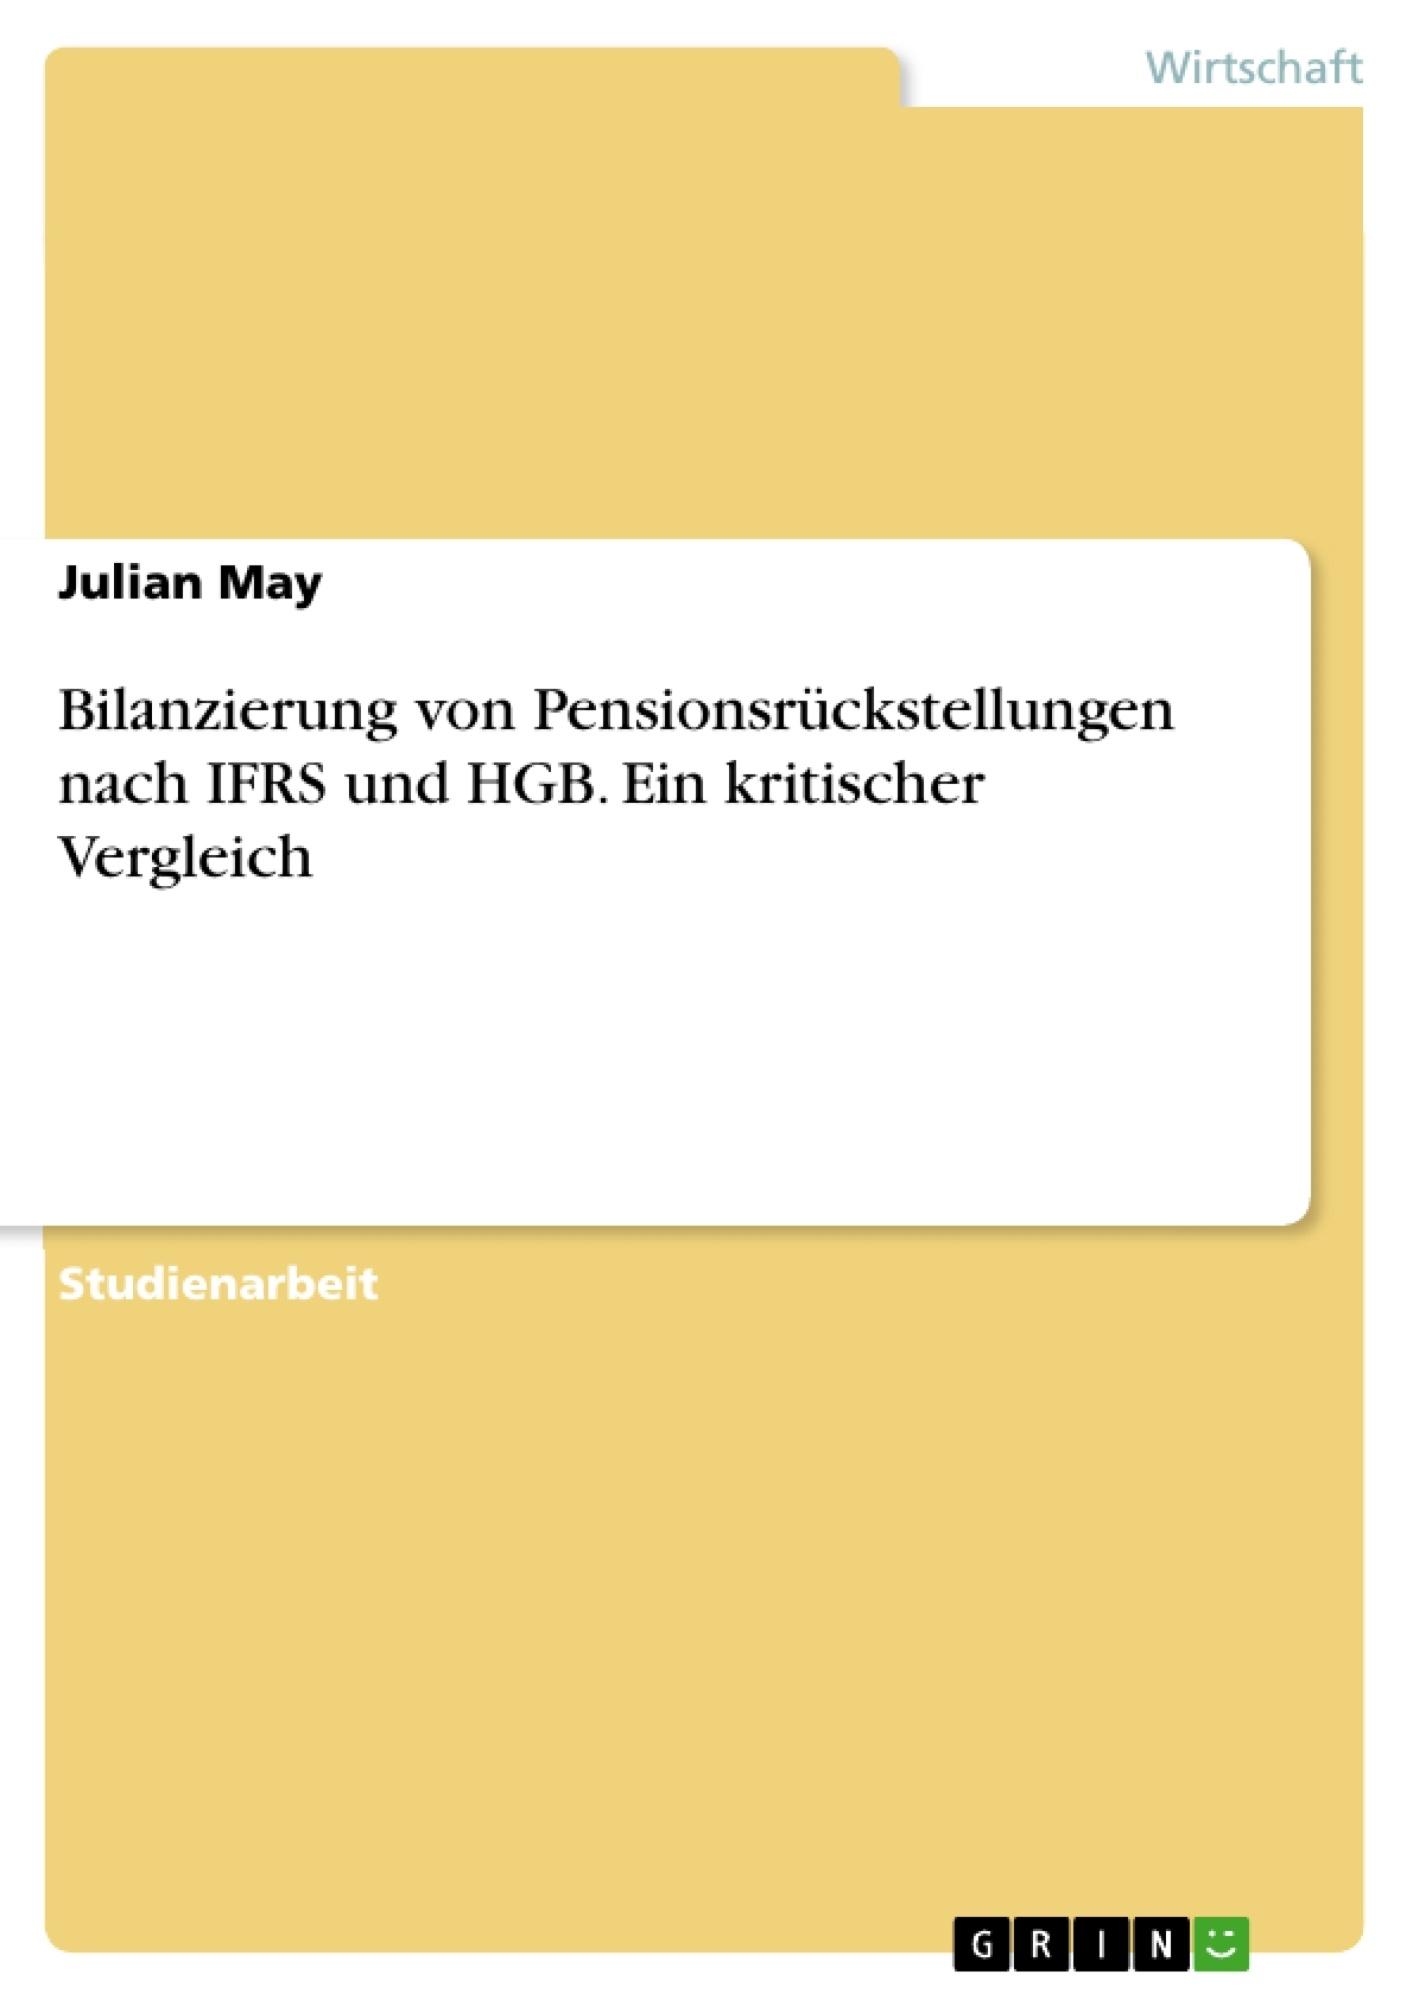 Titel: Bilanzierung von Pensionsrückstellungen nach IFRS und HGB. Ein kritischer Vergleich